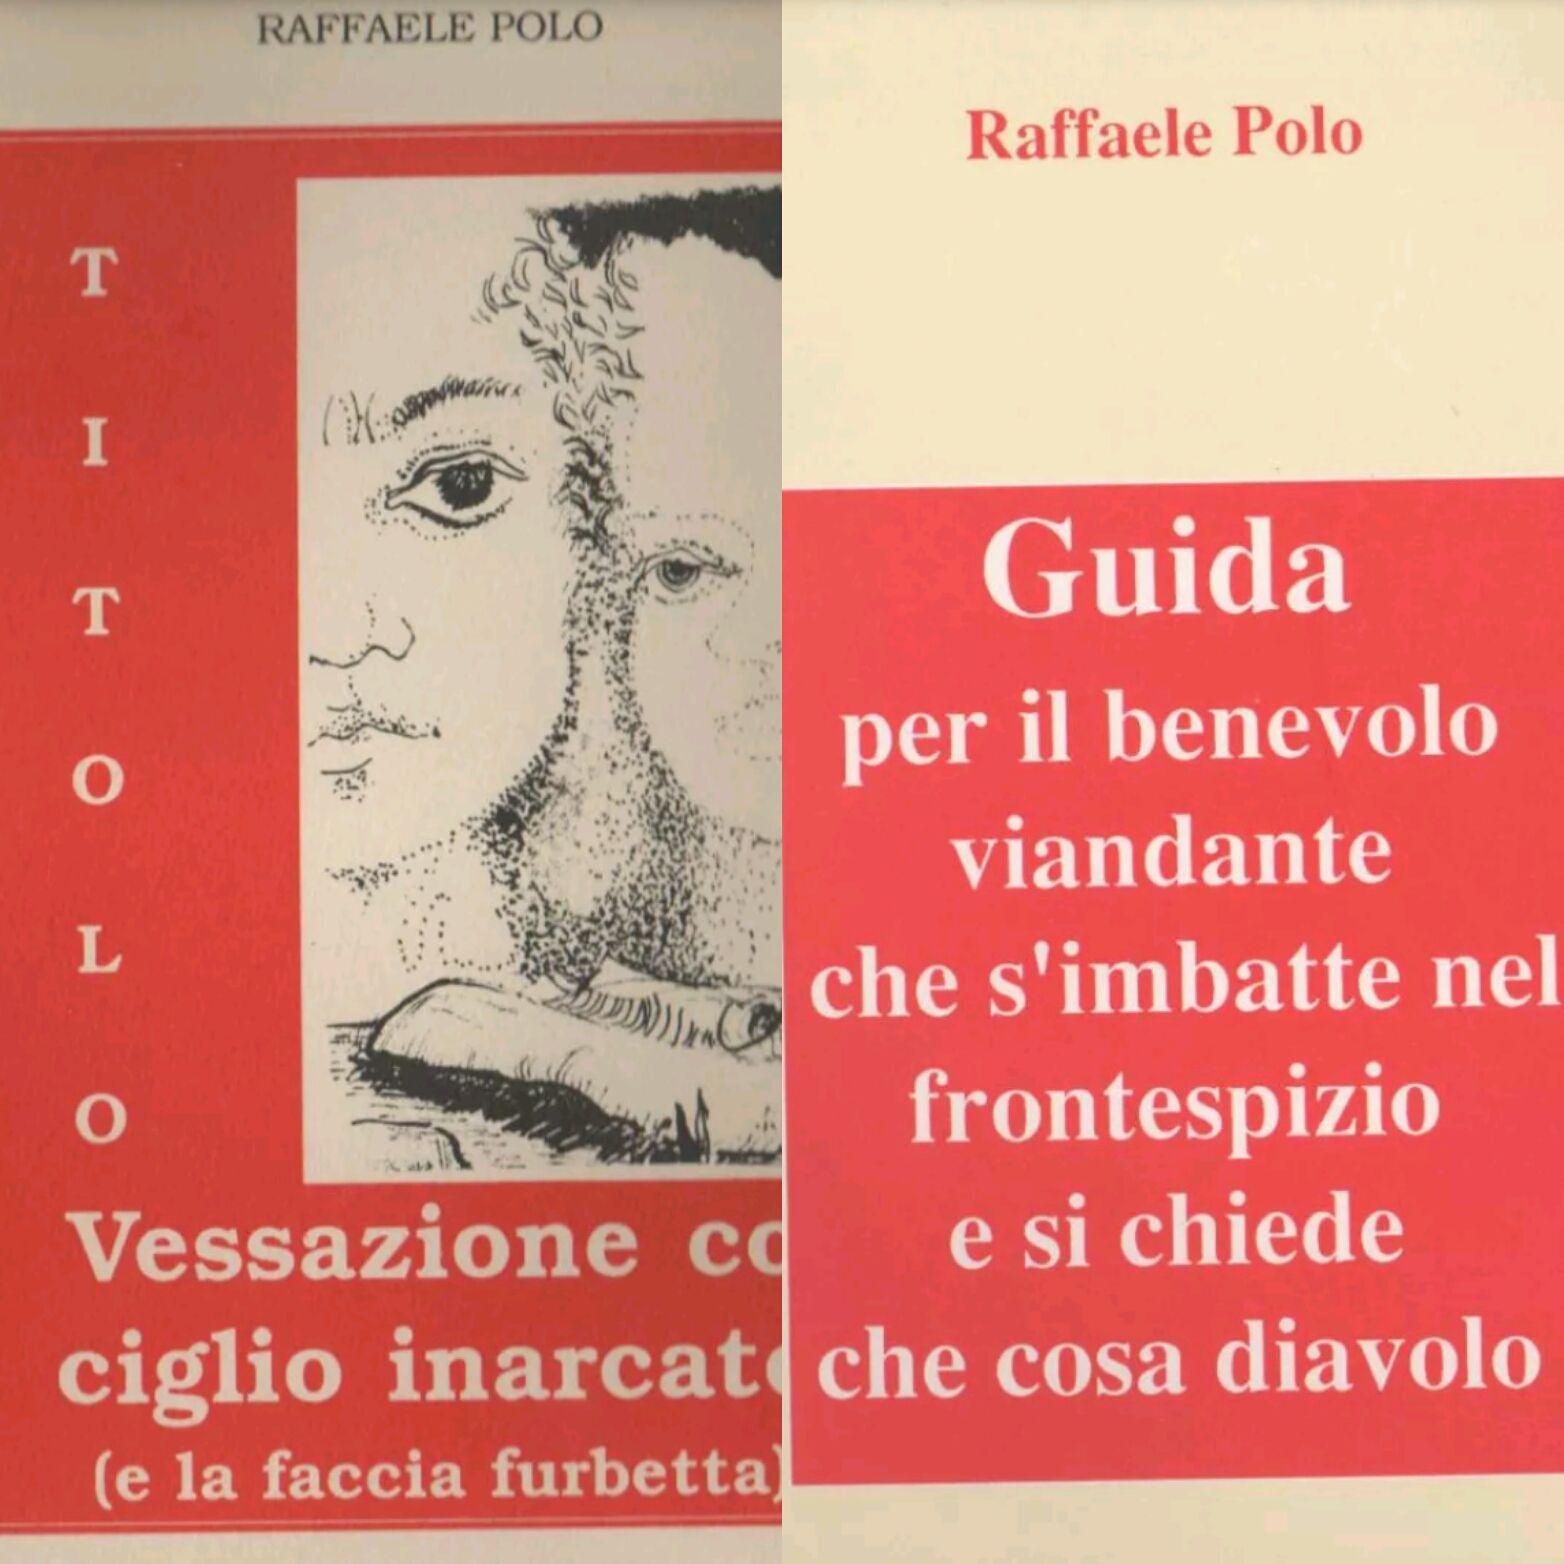 …su eBay ci sono due singolari e rari libri di Raffaele Polo